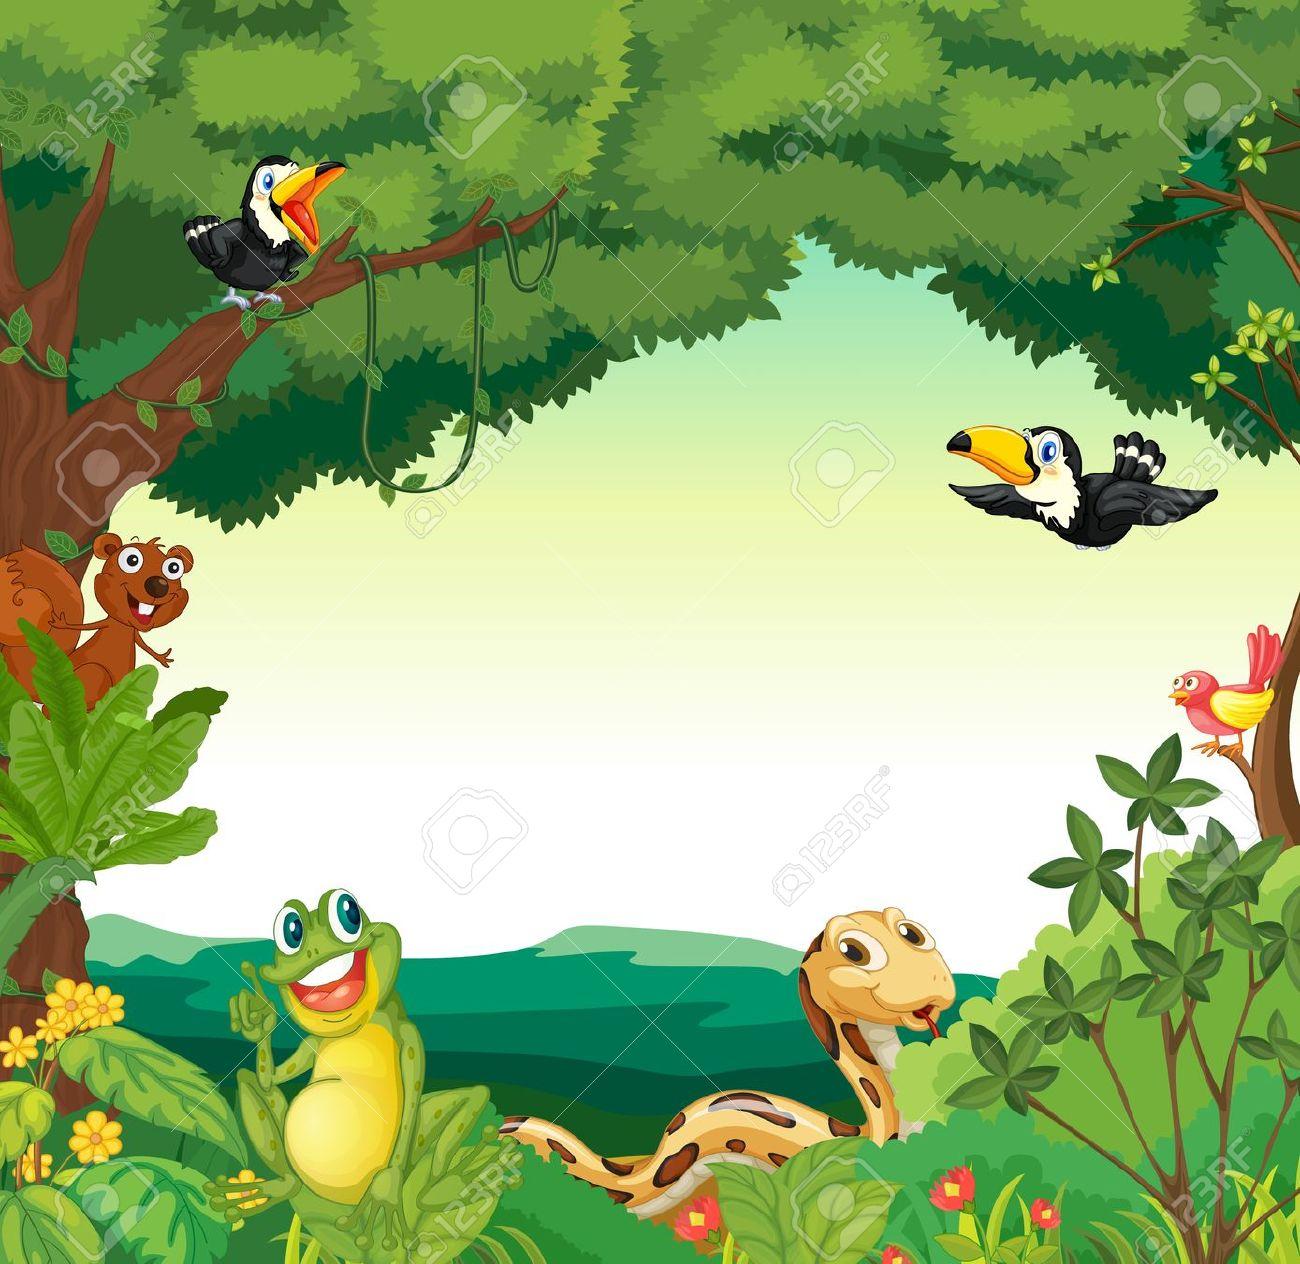 PNG Jungle Scene - 48822